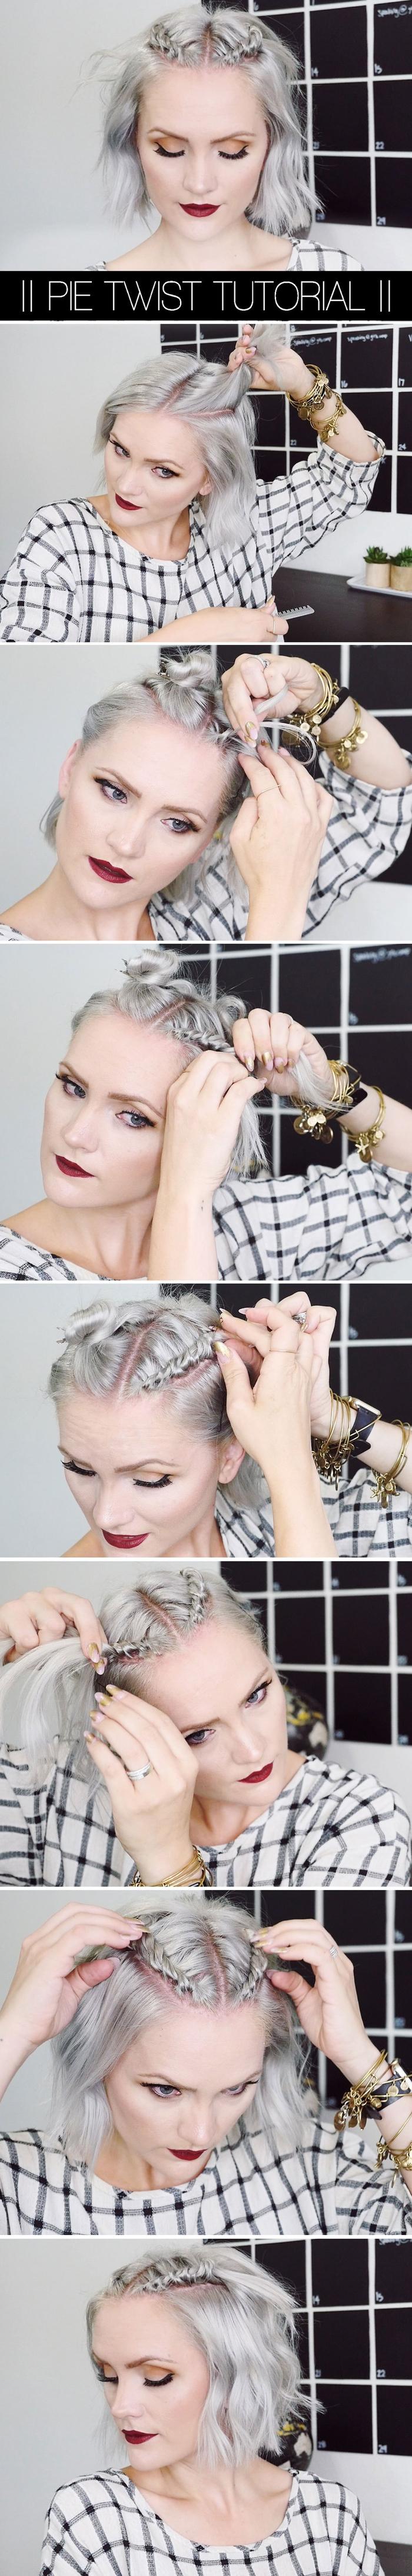 une coiffure facile et rapide à réaliser sur un carré court ou mi-long avec des tresses symétriques sur le devant